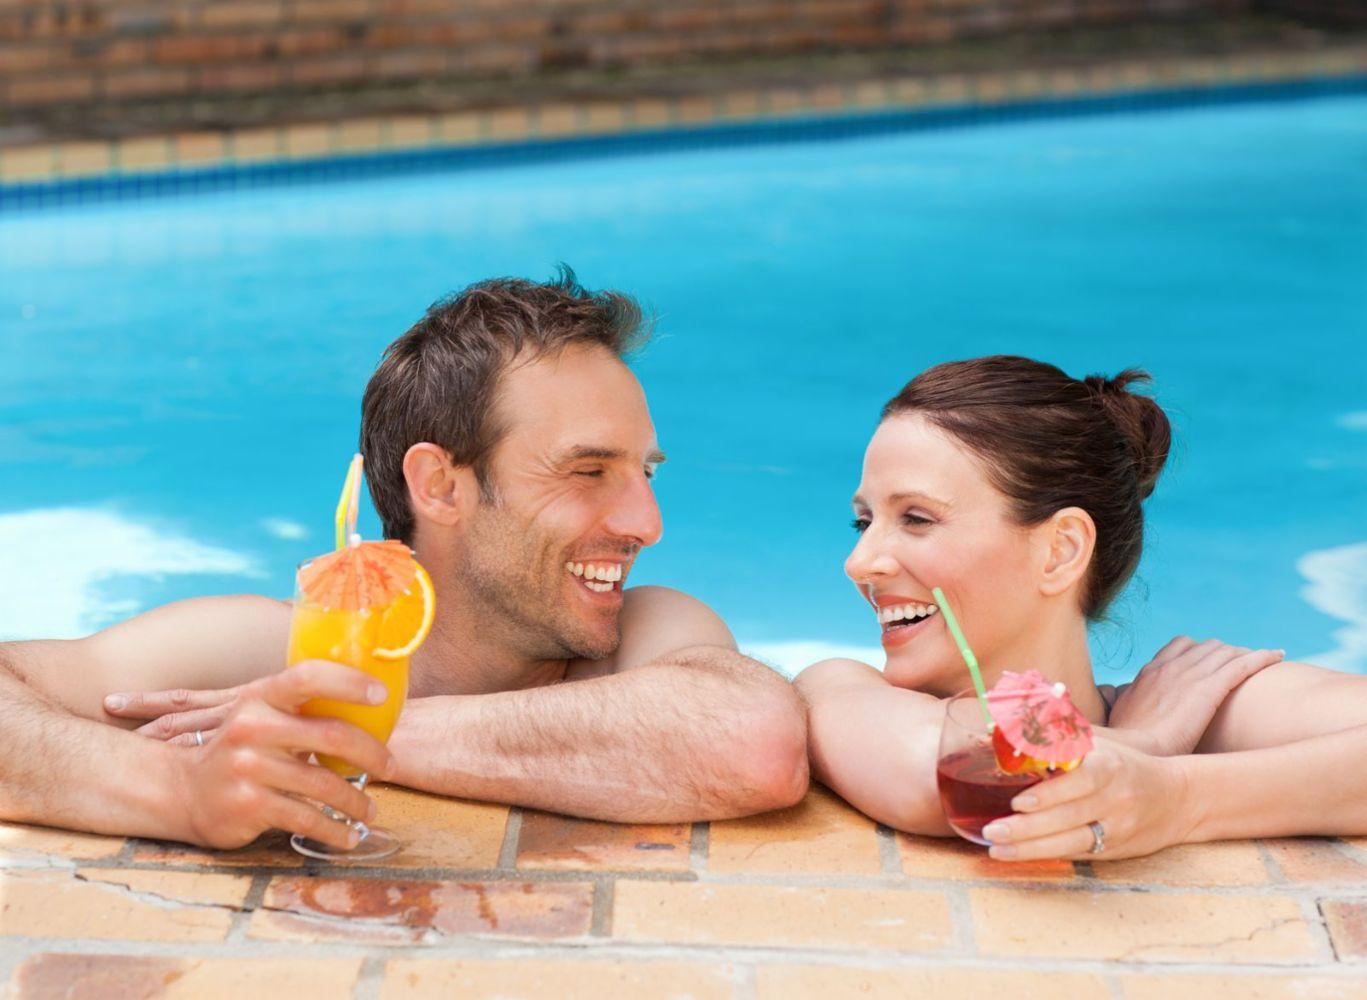 Pool Cleaning And Maintenance In Las Vegas Nv Las Vegas Best Pool Service